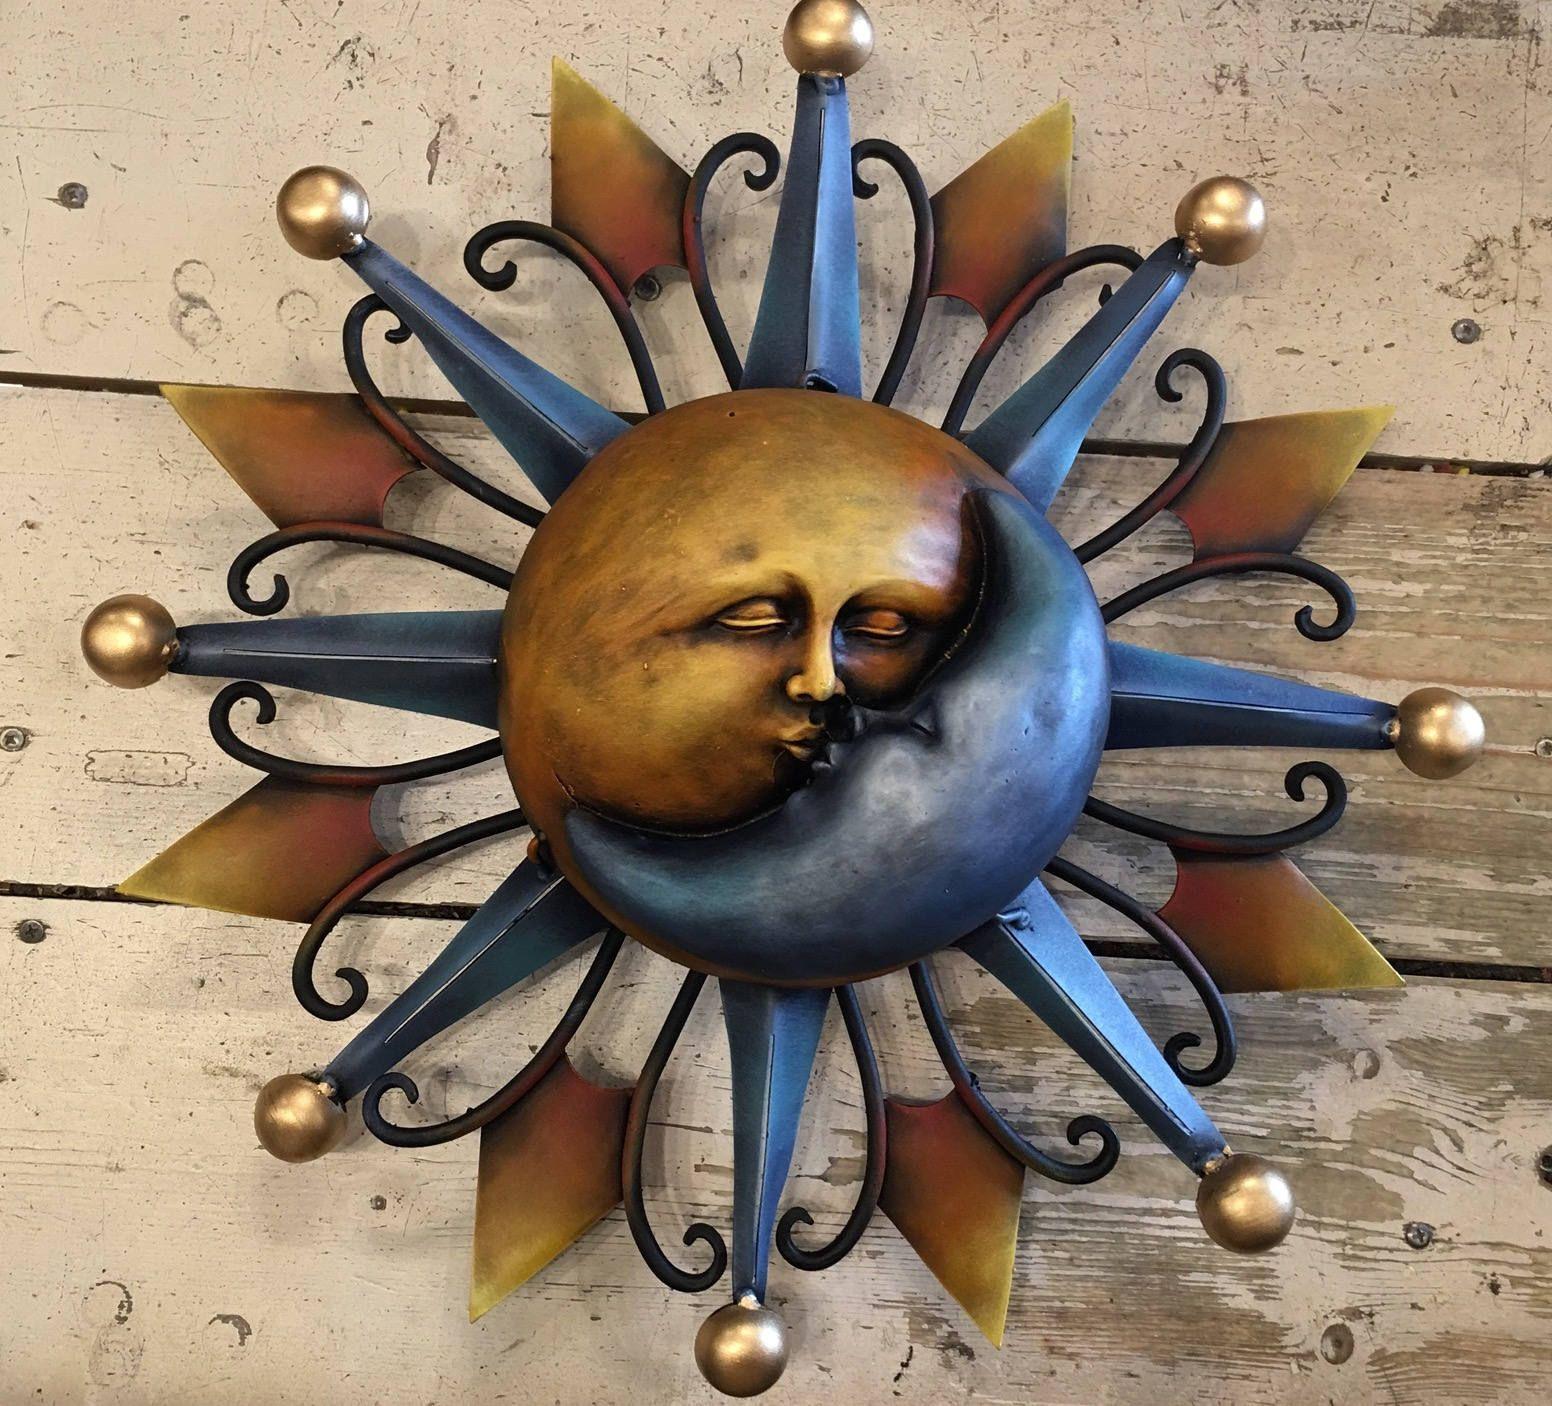 Wall Sun And Moon Eclipse Garden Sun And Moon Decorative Sun And Moon Kissing Sun And Moon By Mexdecor Moon Decor Sun Art Star Wall Art